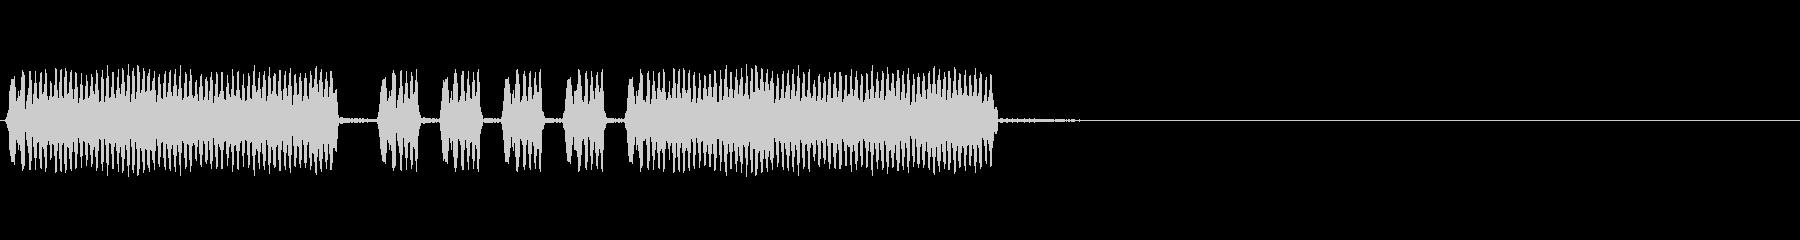 警告ホイッスルの未再生の波形